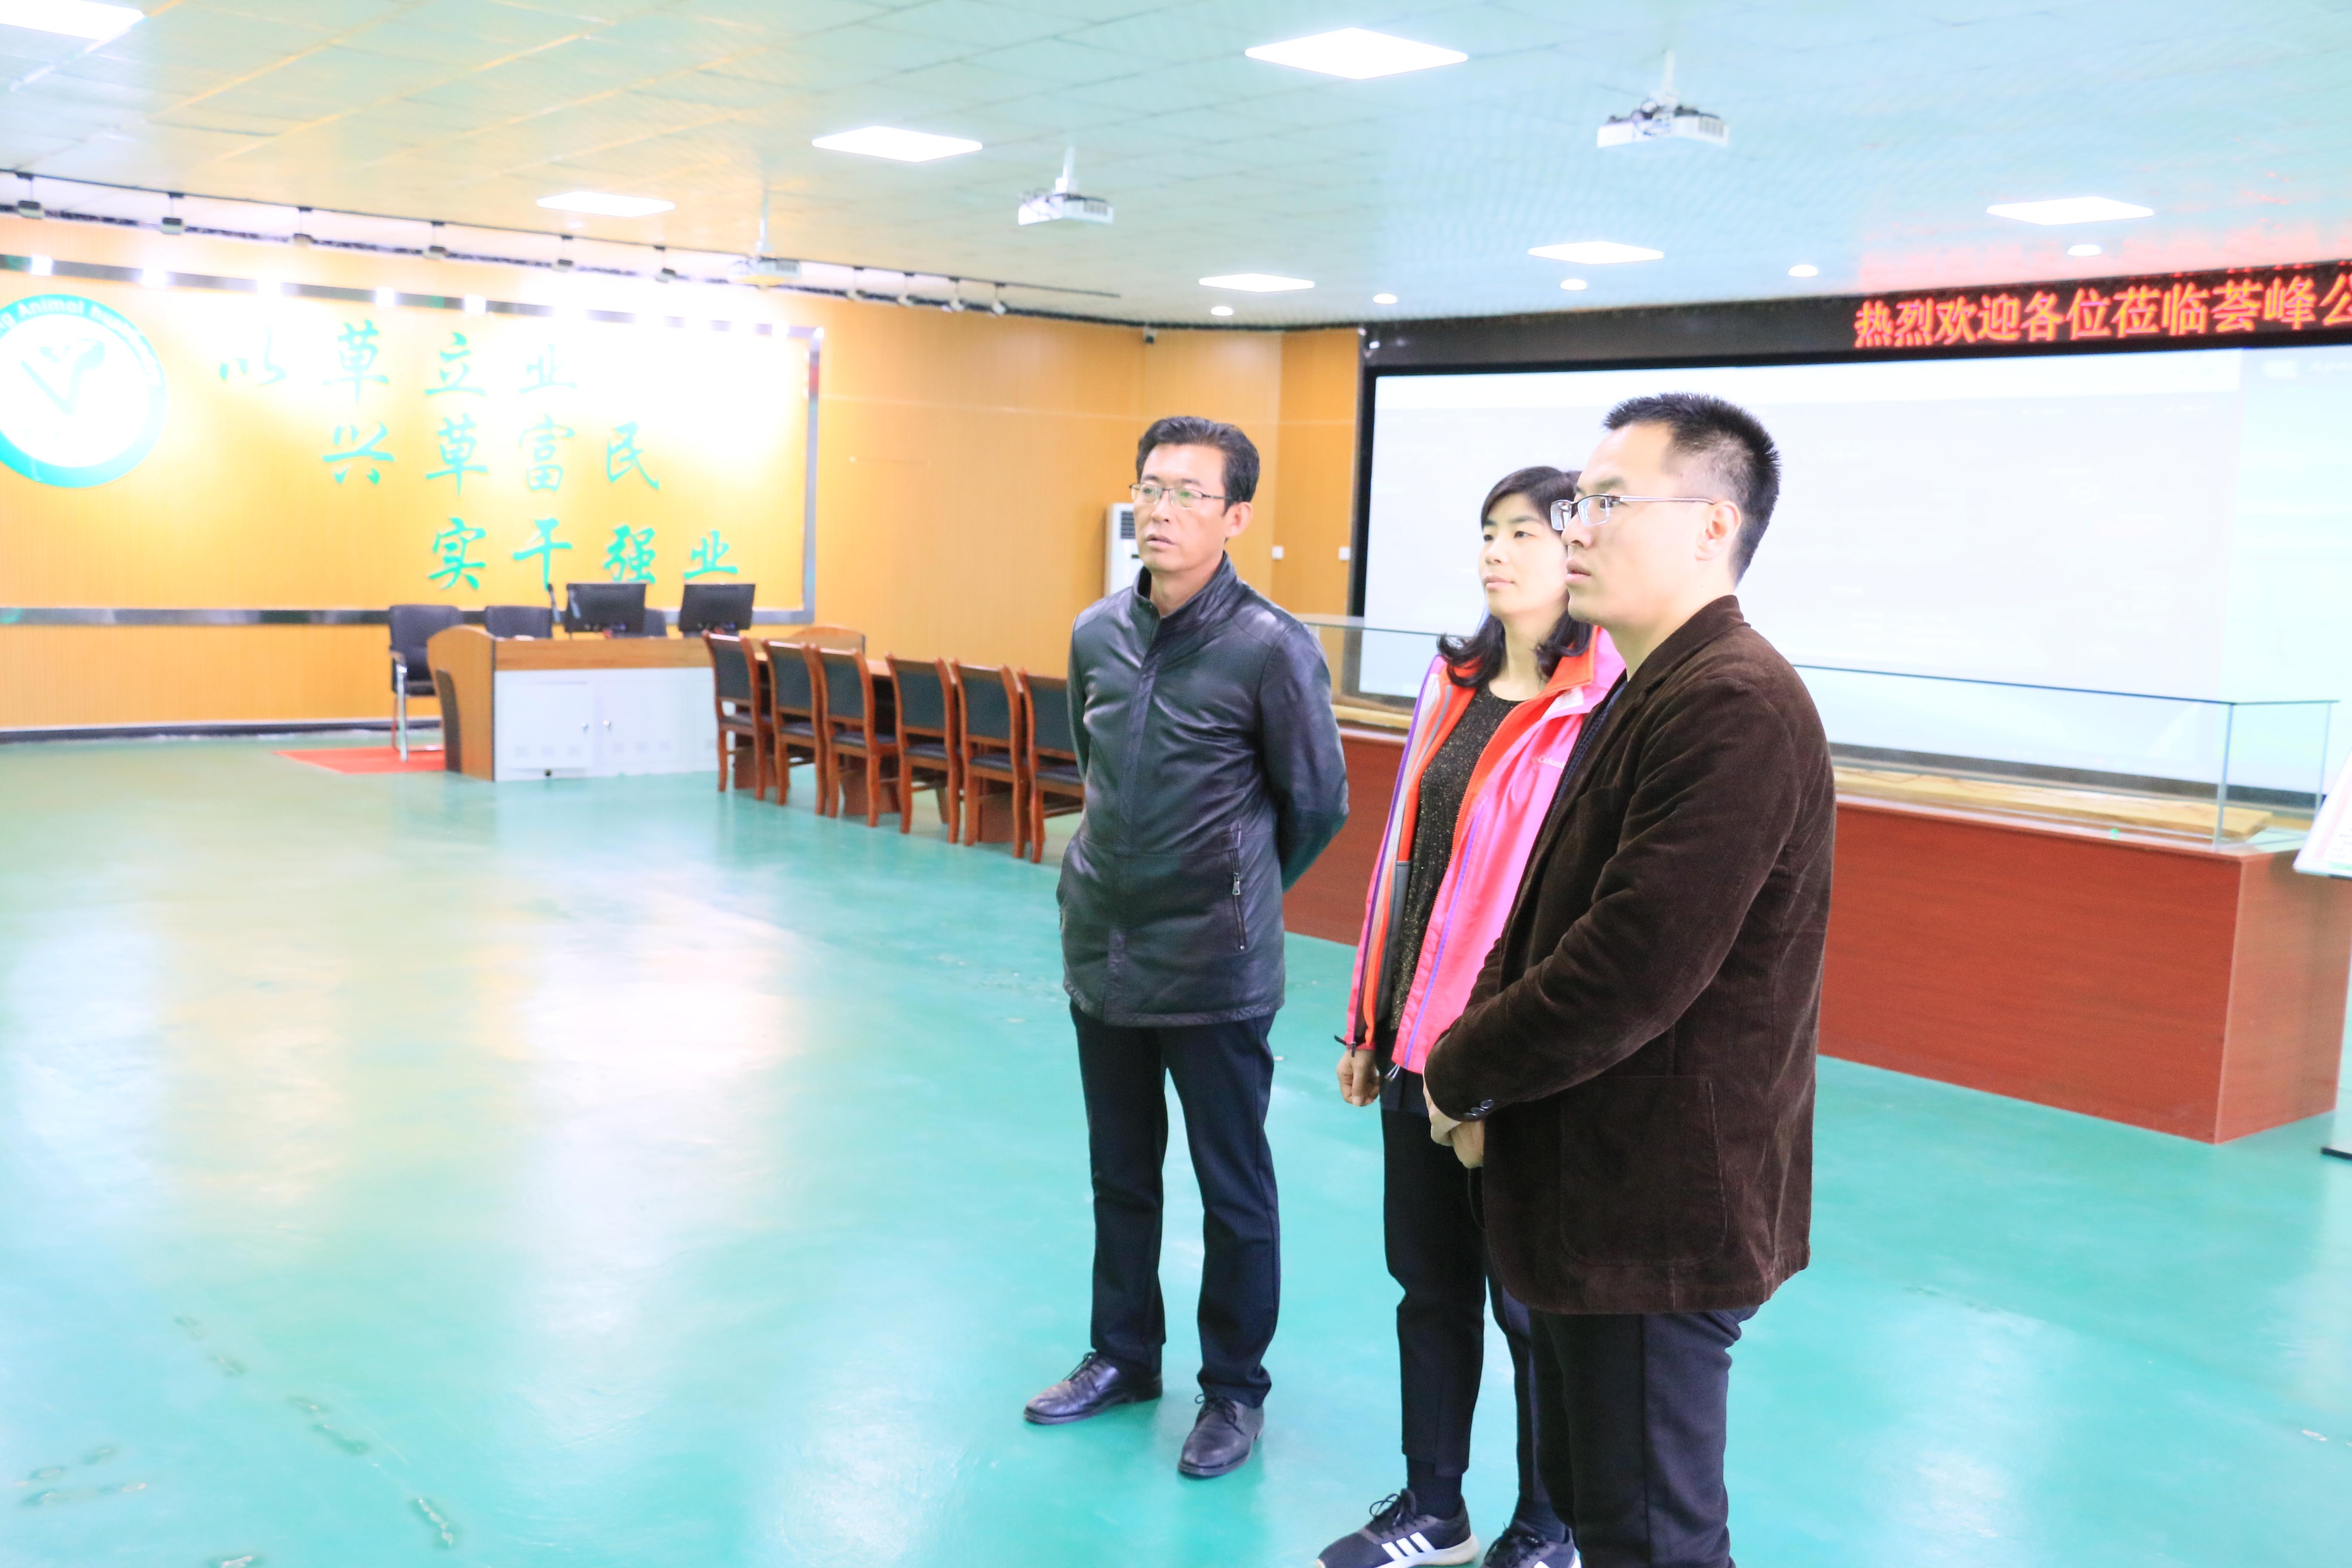 体系草产品加工与利用岗位科学家、河南农业大学国家牧草技术体系史莹华教授